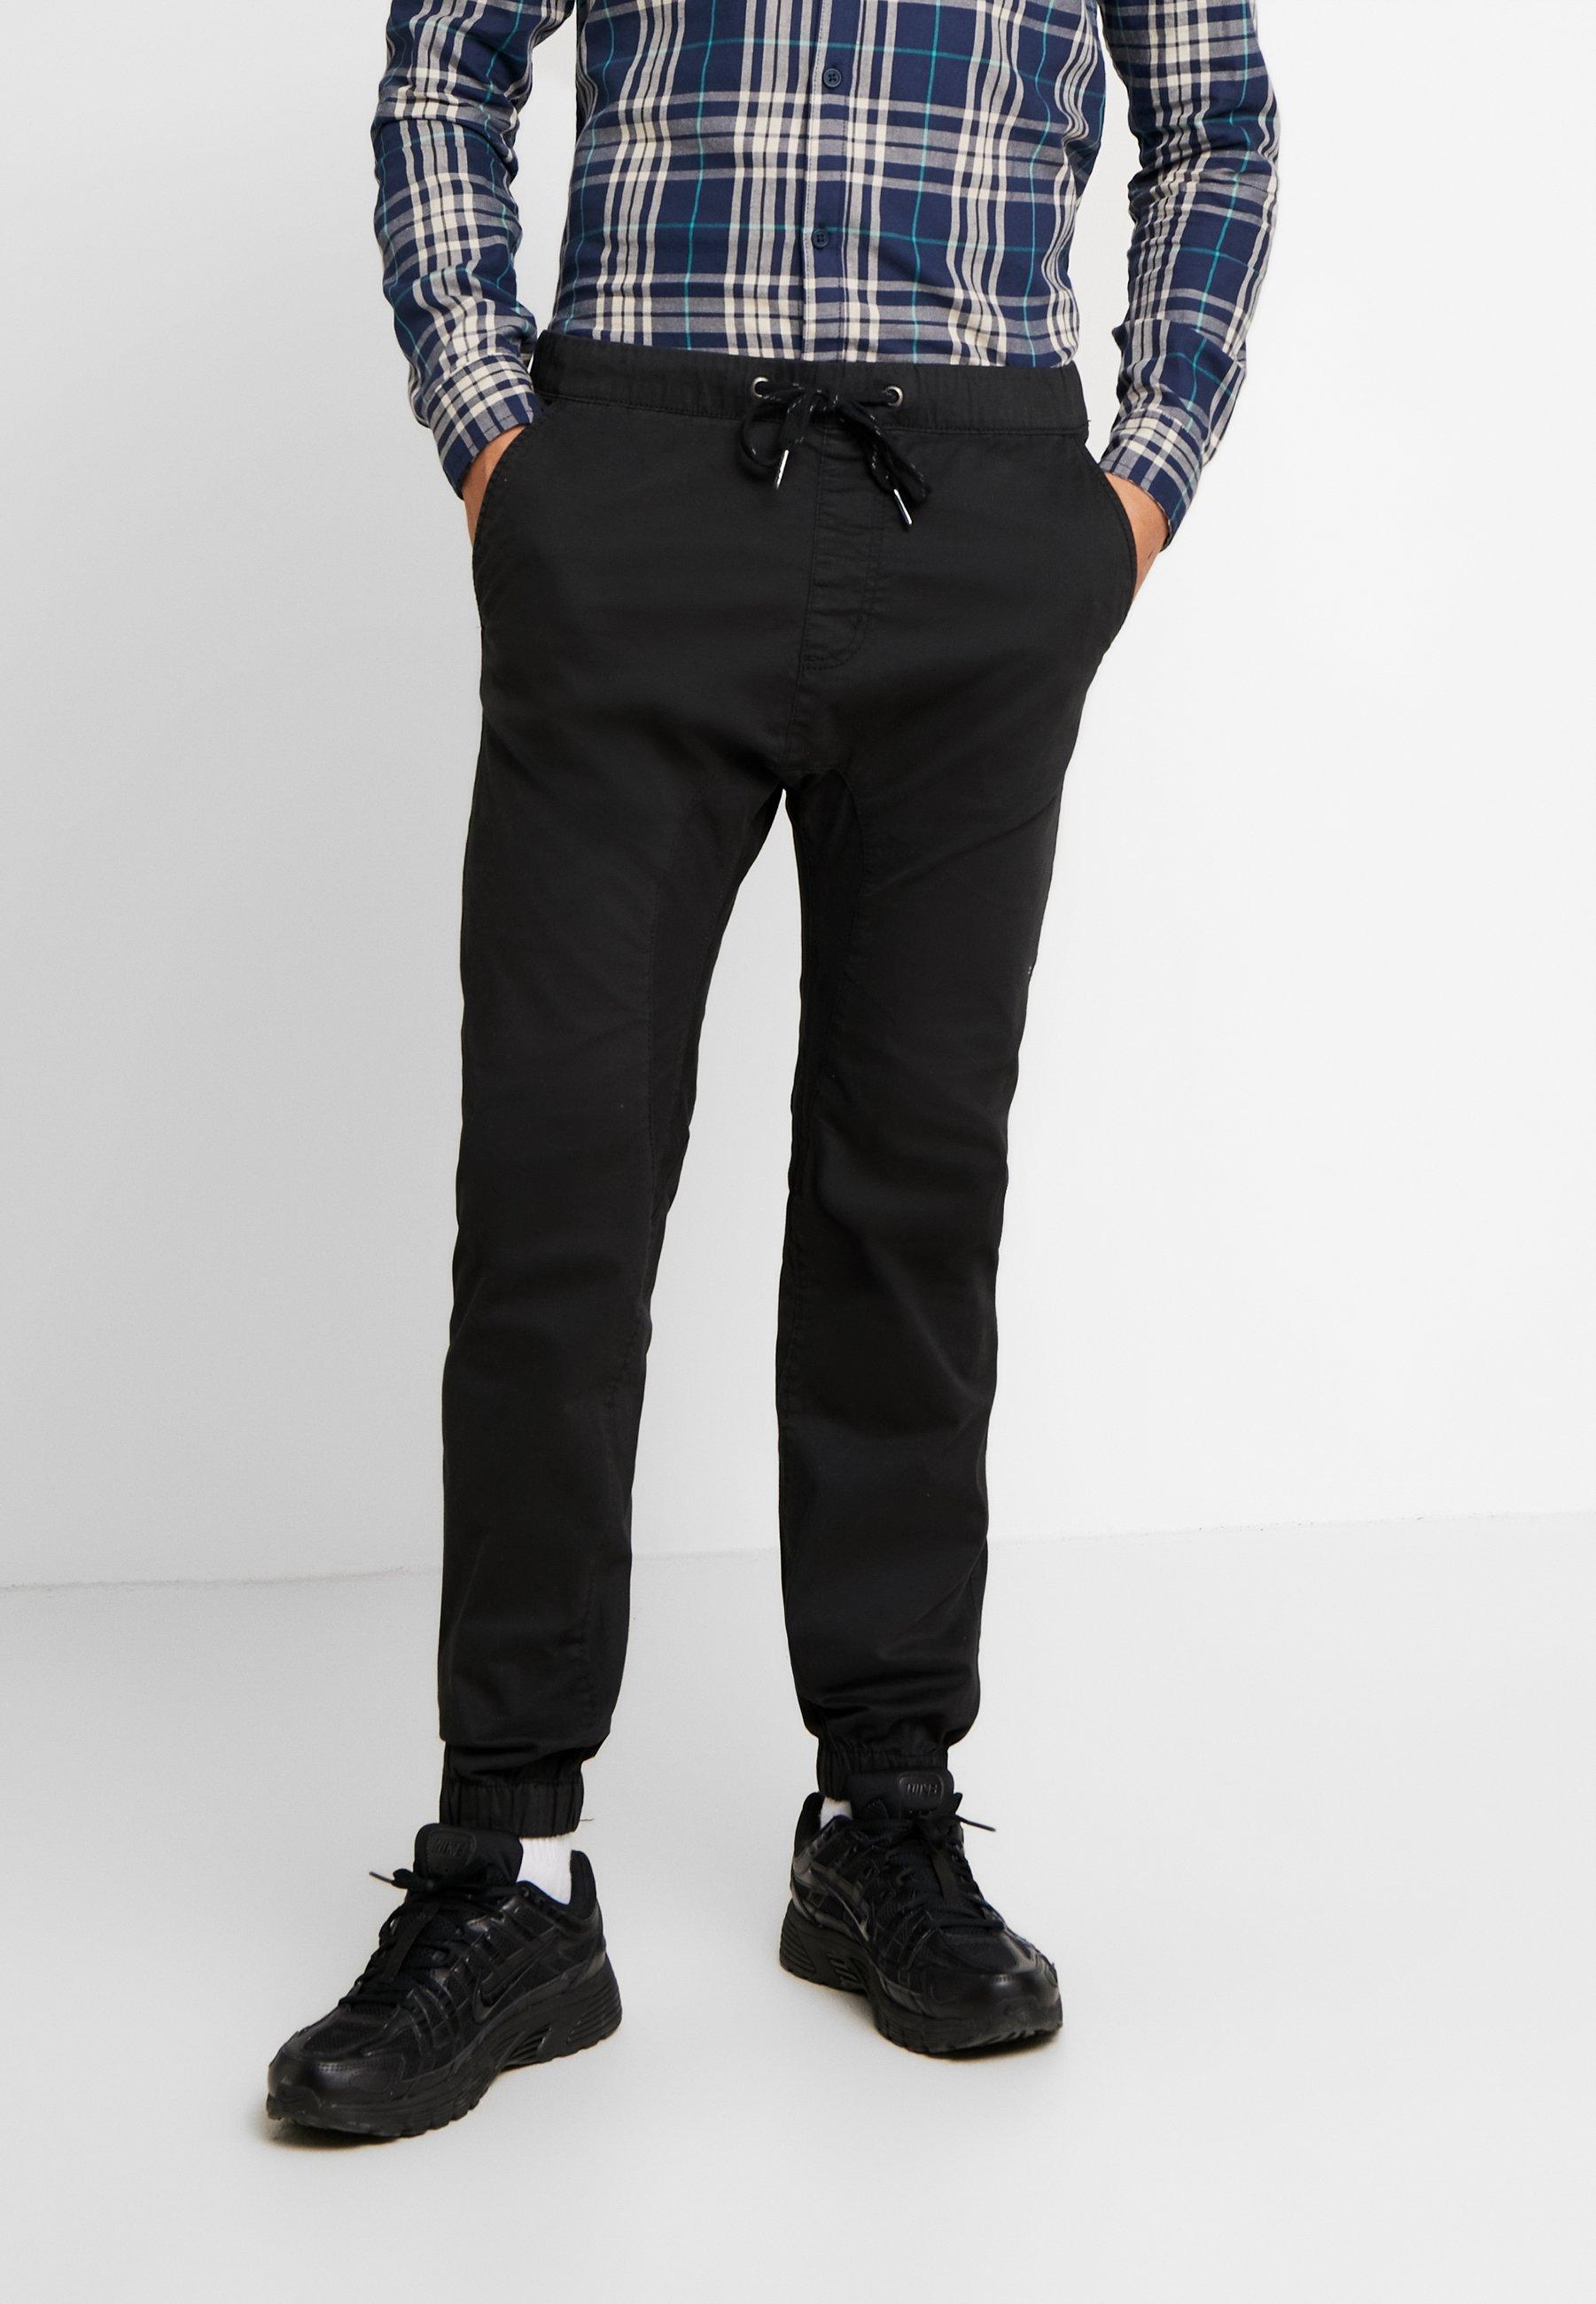 Homme DRAKE CUFFED PANT - Pantalon classique